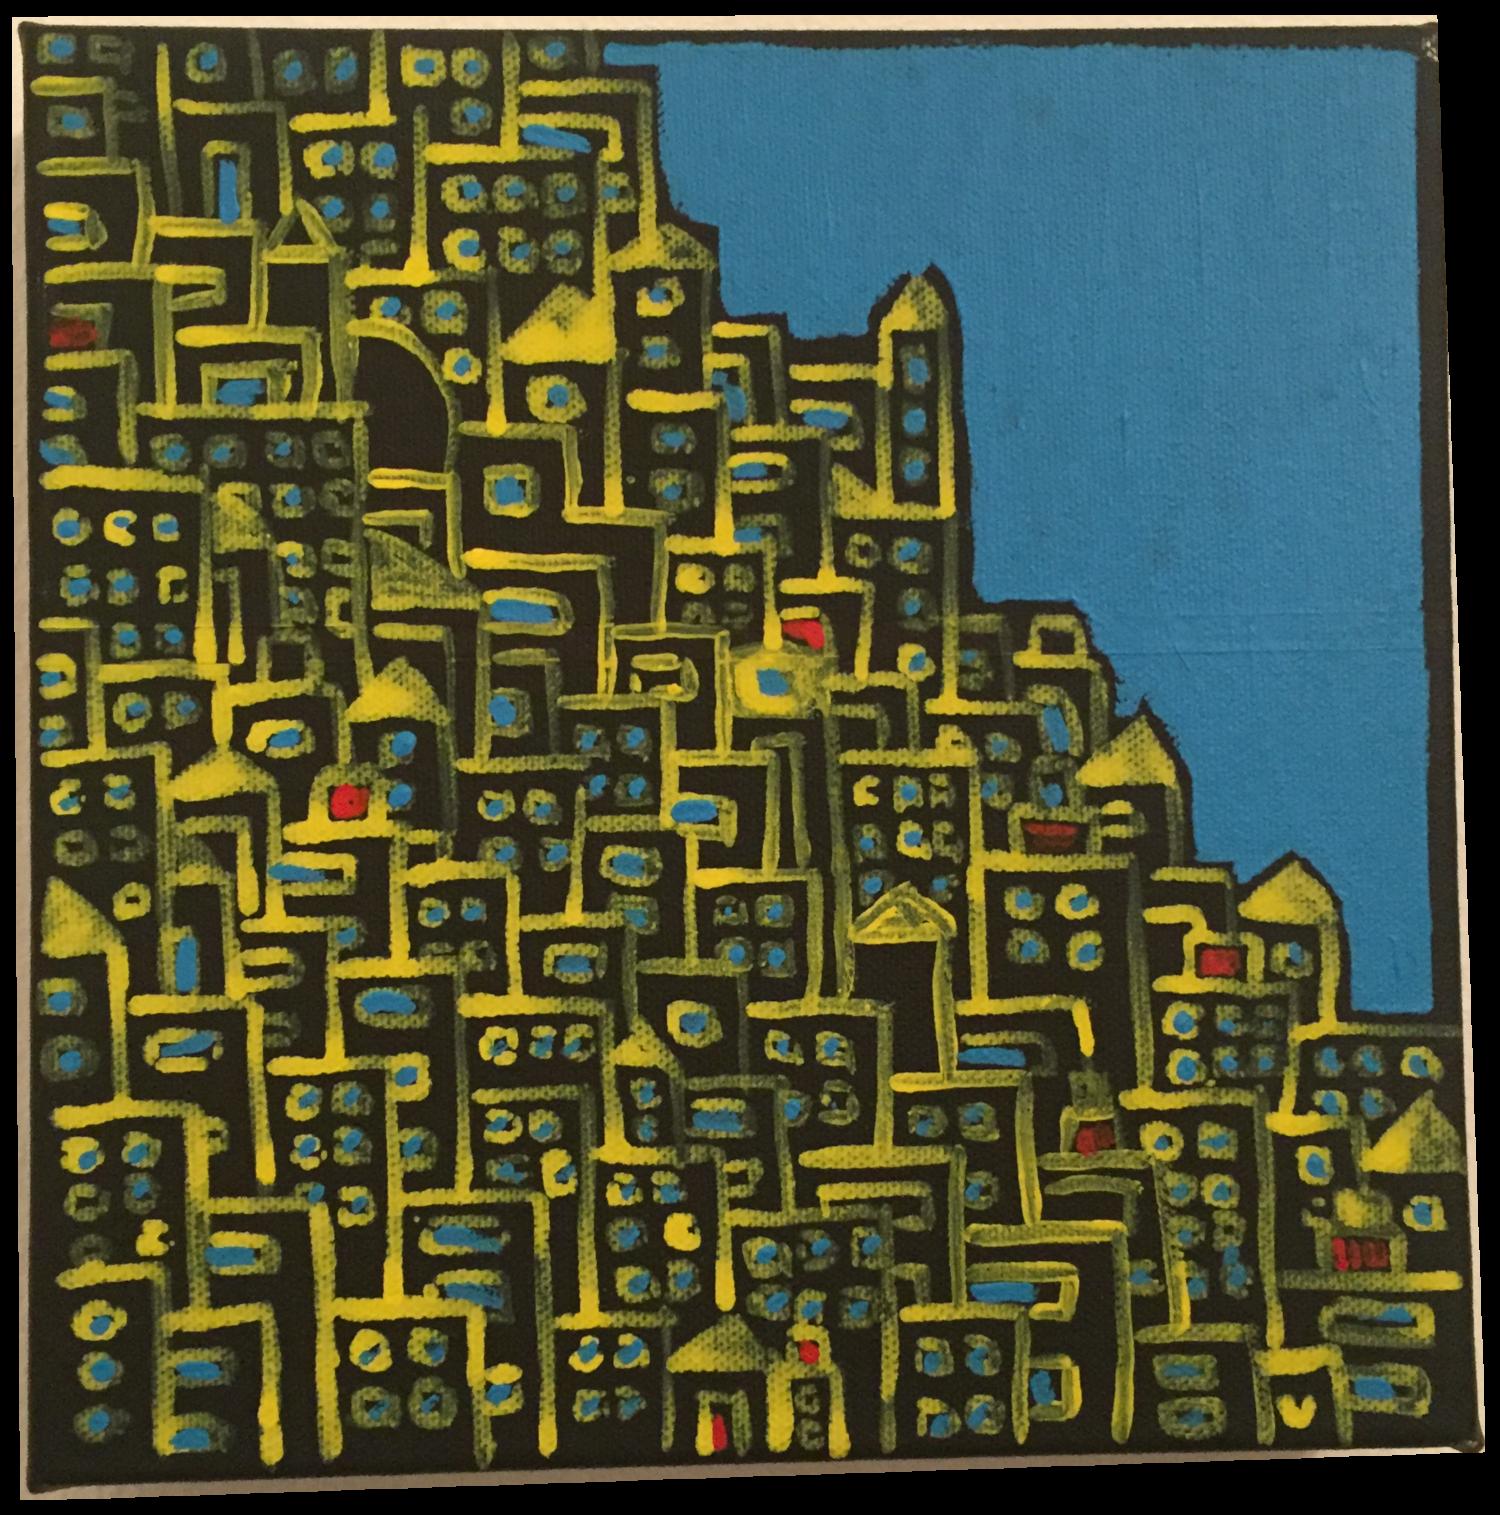 città stretta mare azzurro